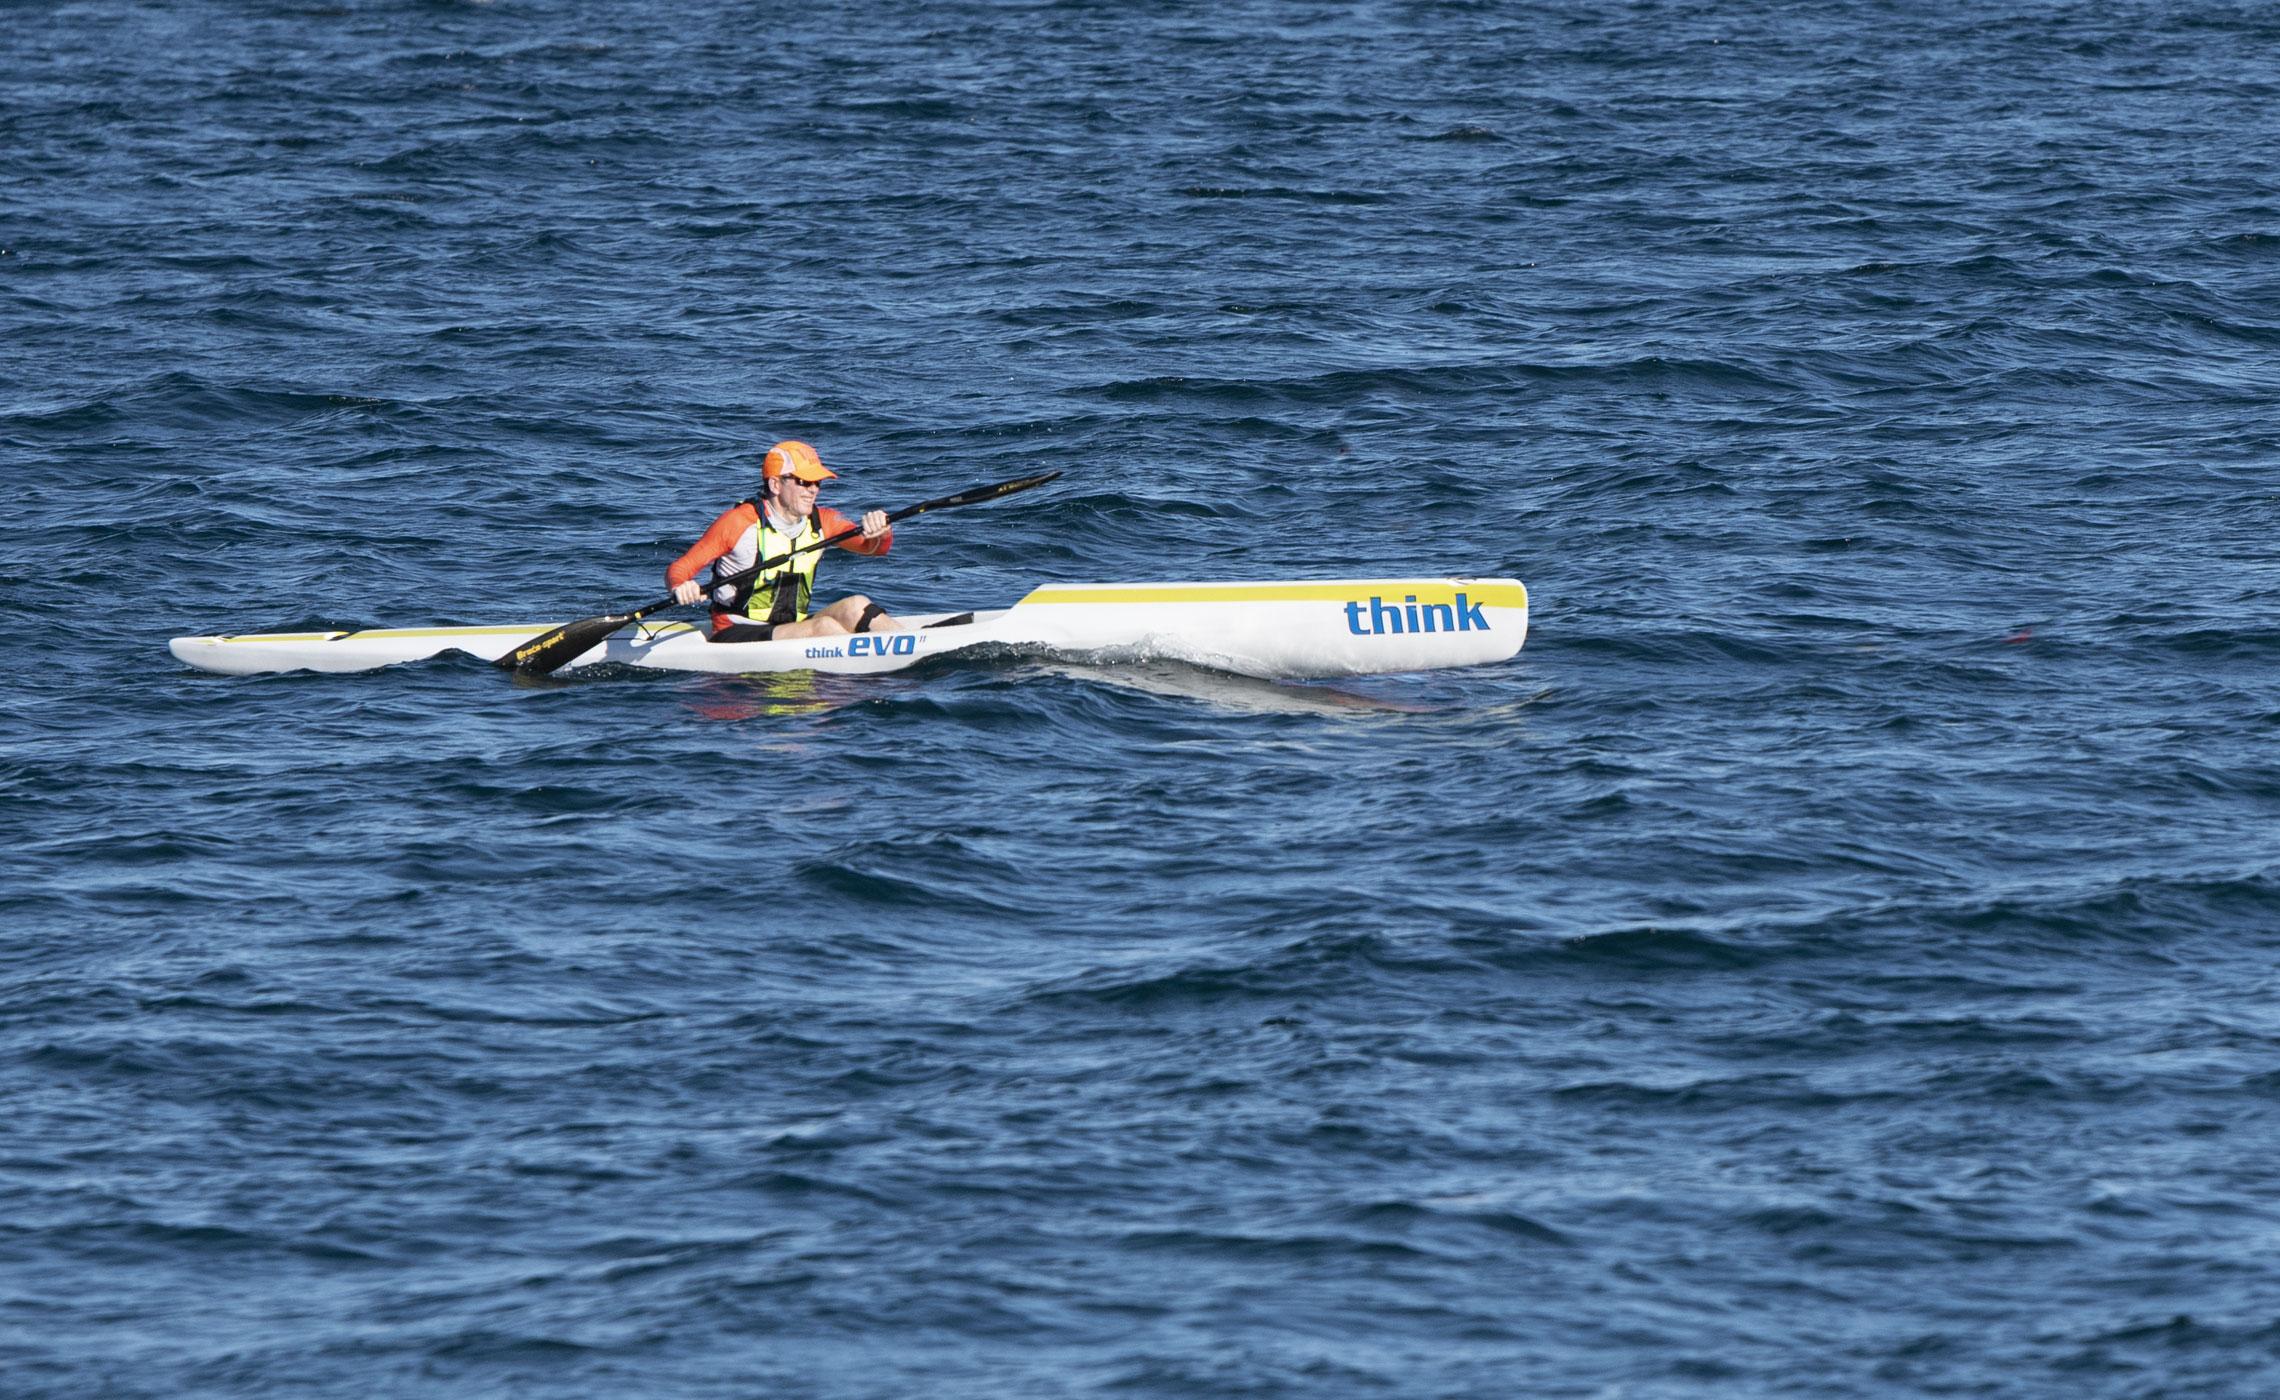 Tim Grey paddling an ocean ski on Moreton Bay